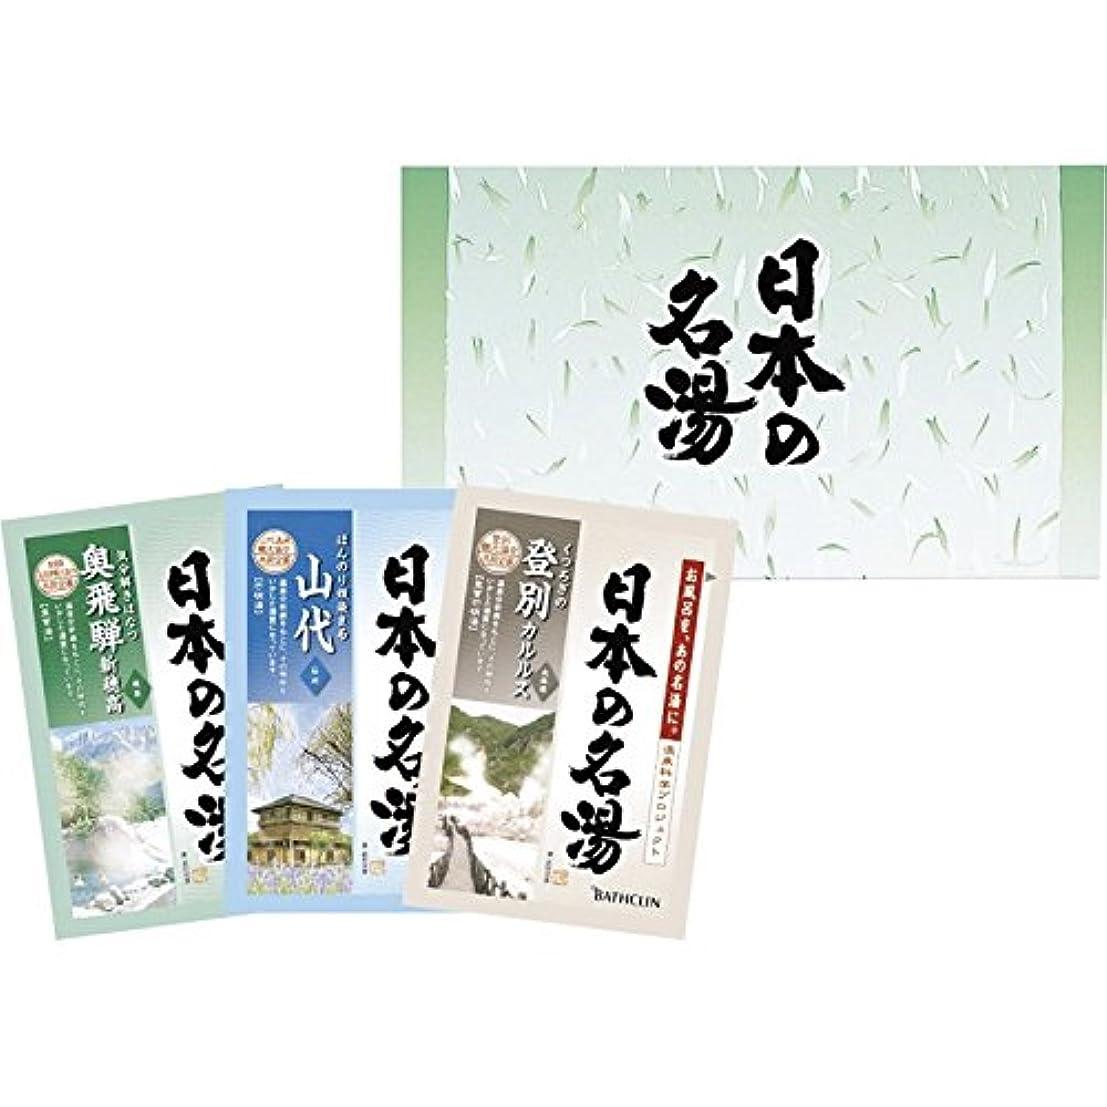 満足させる赤面ショッピングセンターバスクリン 日本の名湯 3包セット 【ギフトセット あたたまる あったまる ぽかぽか つめあわせ 詰め合わせ アソート バス用品 お風呂用品 300】